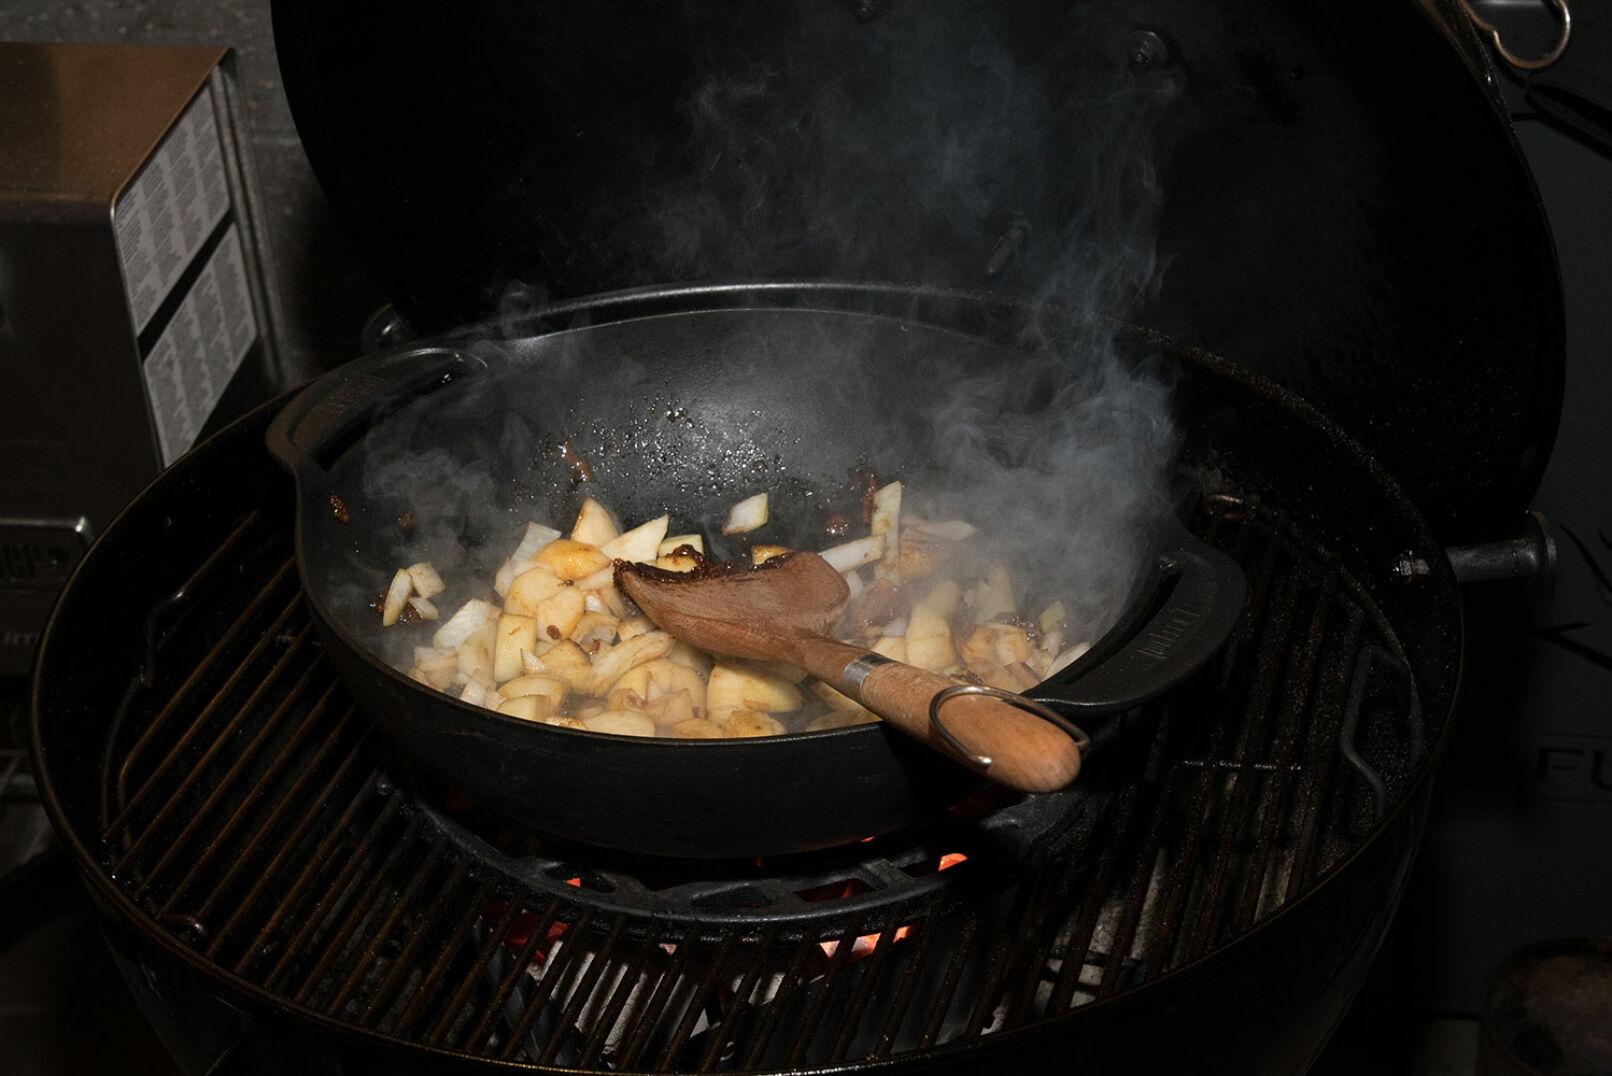 Der Wok ist nun erhitzt, der Zucker darin karamellisiert, die Birnen werden darin angeschwitzt, der Zwiebel ergänzt. - © Martin Grasberger